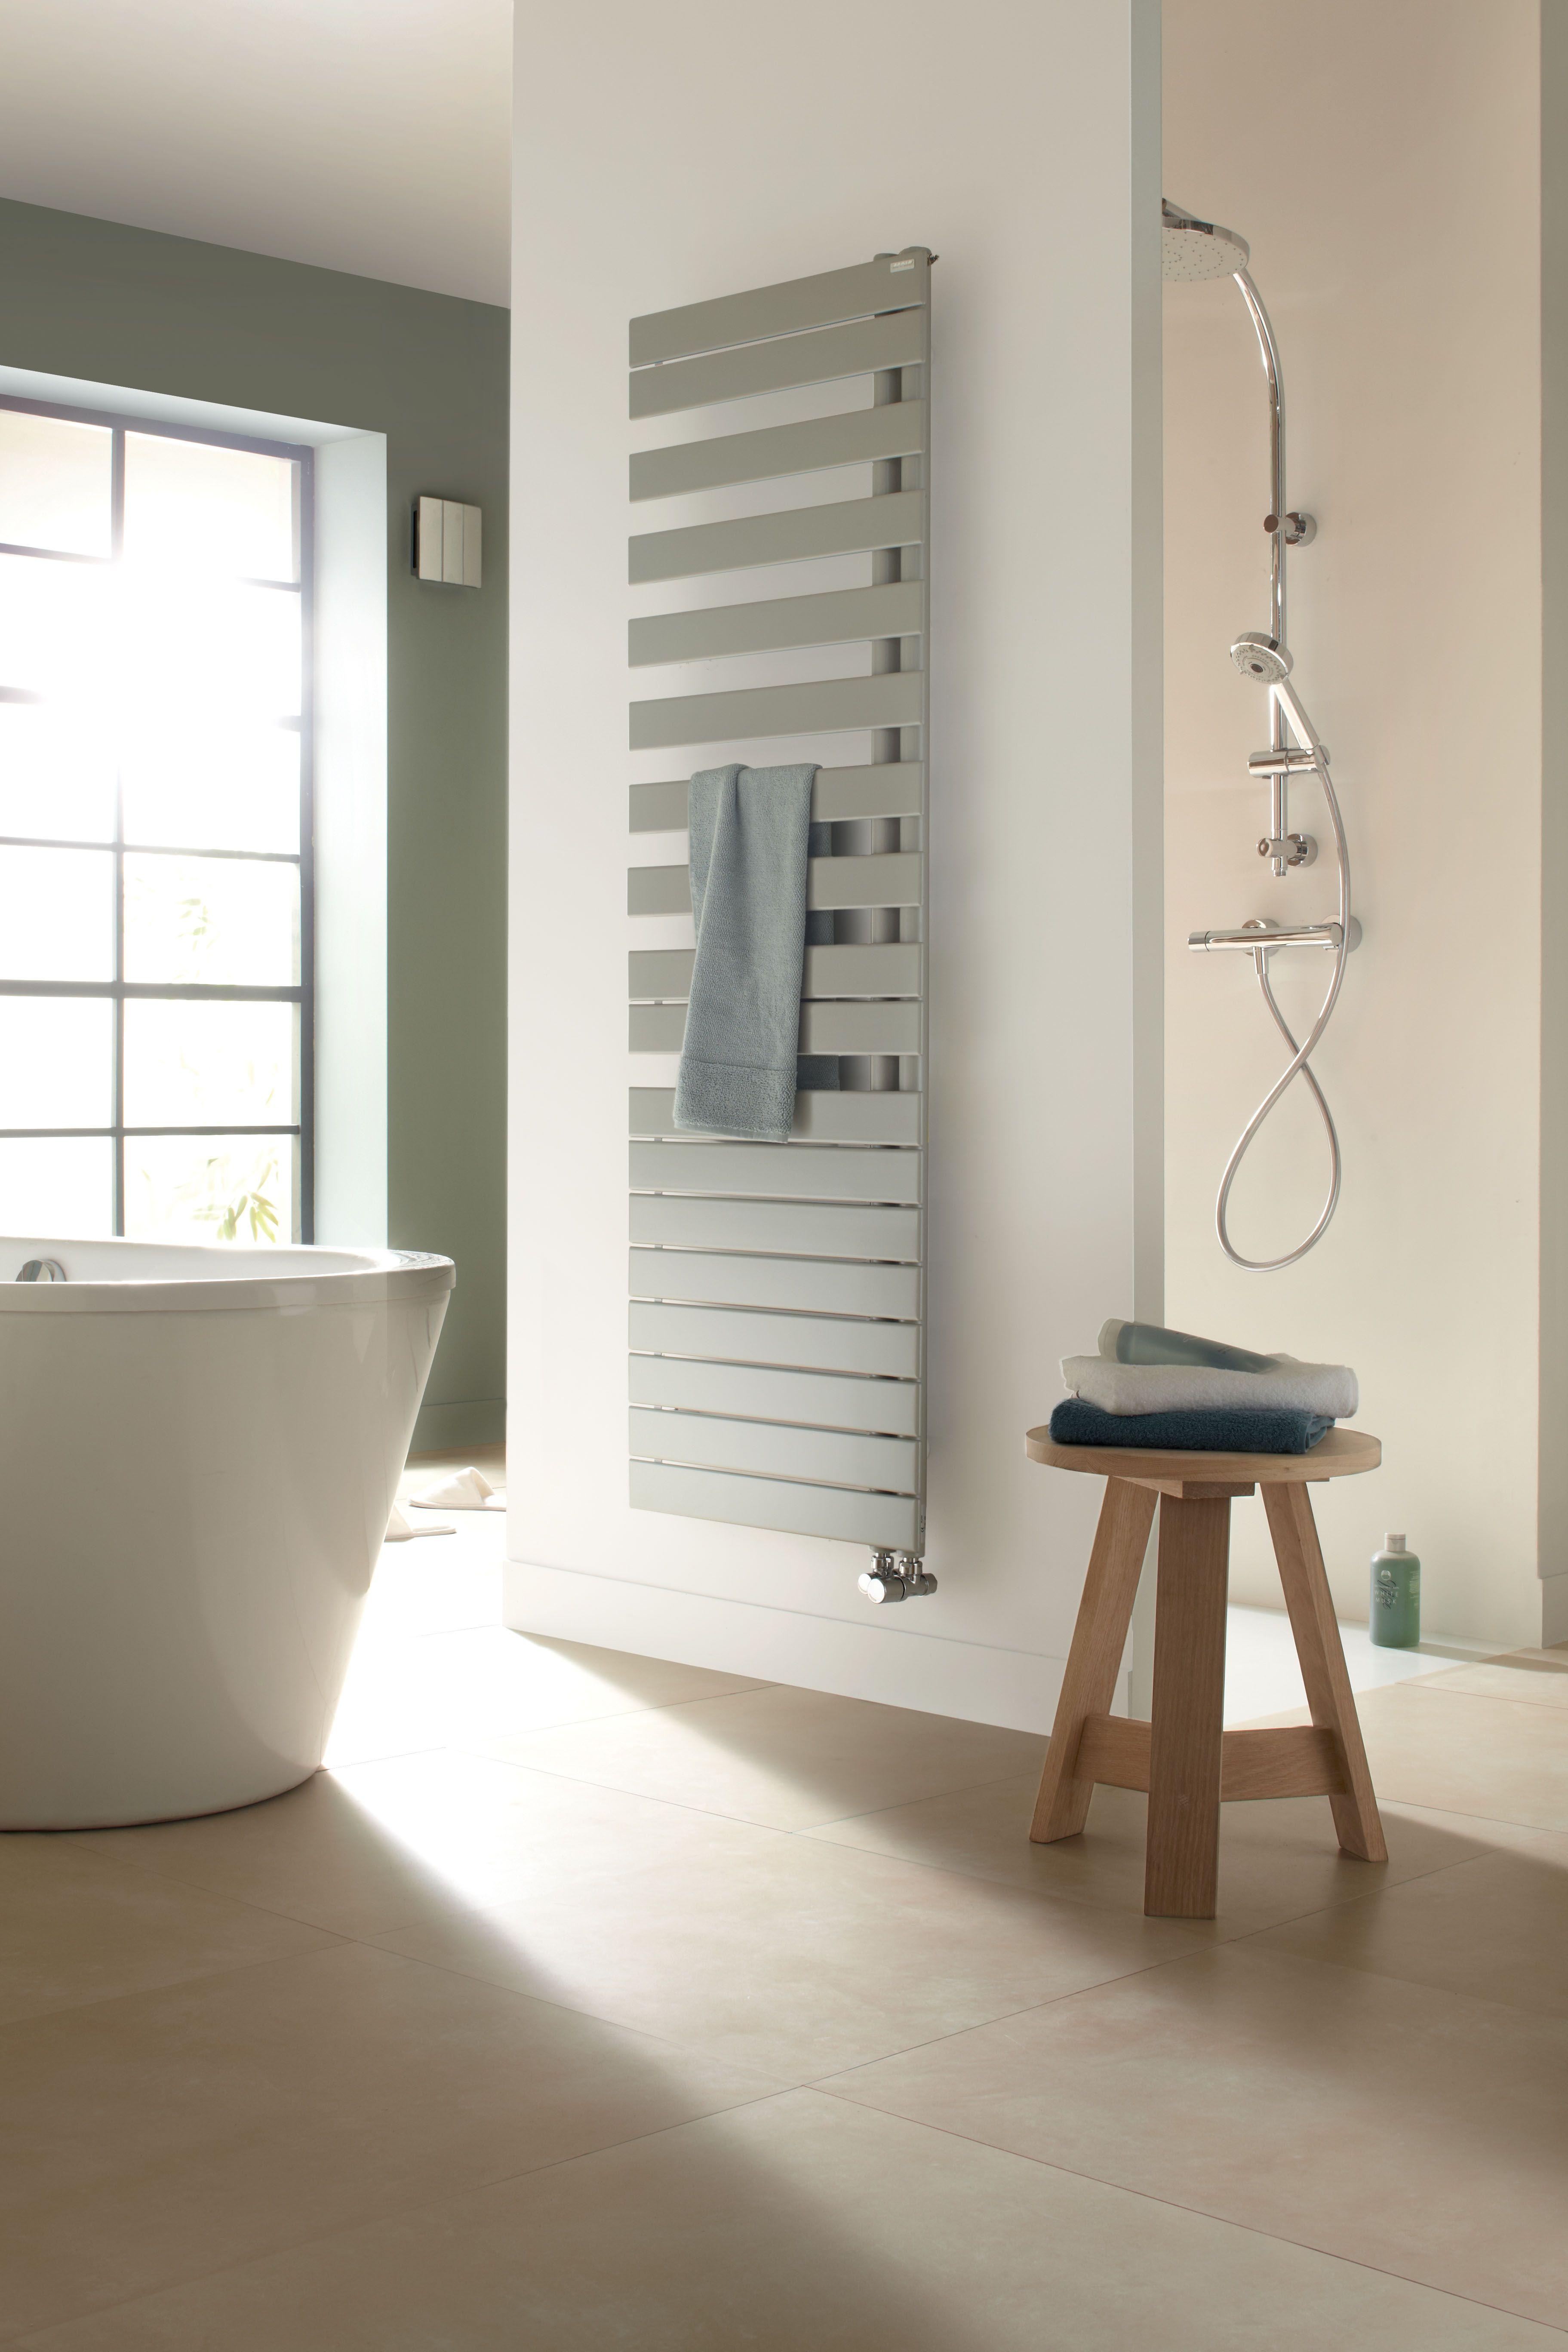 Acova Garantie avec radiateur sèche-serviettes acova fassane spa | acova | pinterest